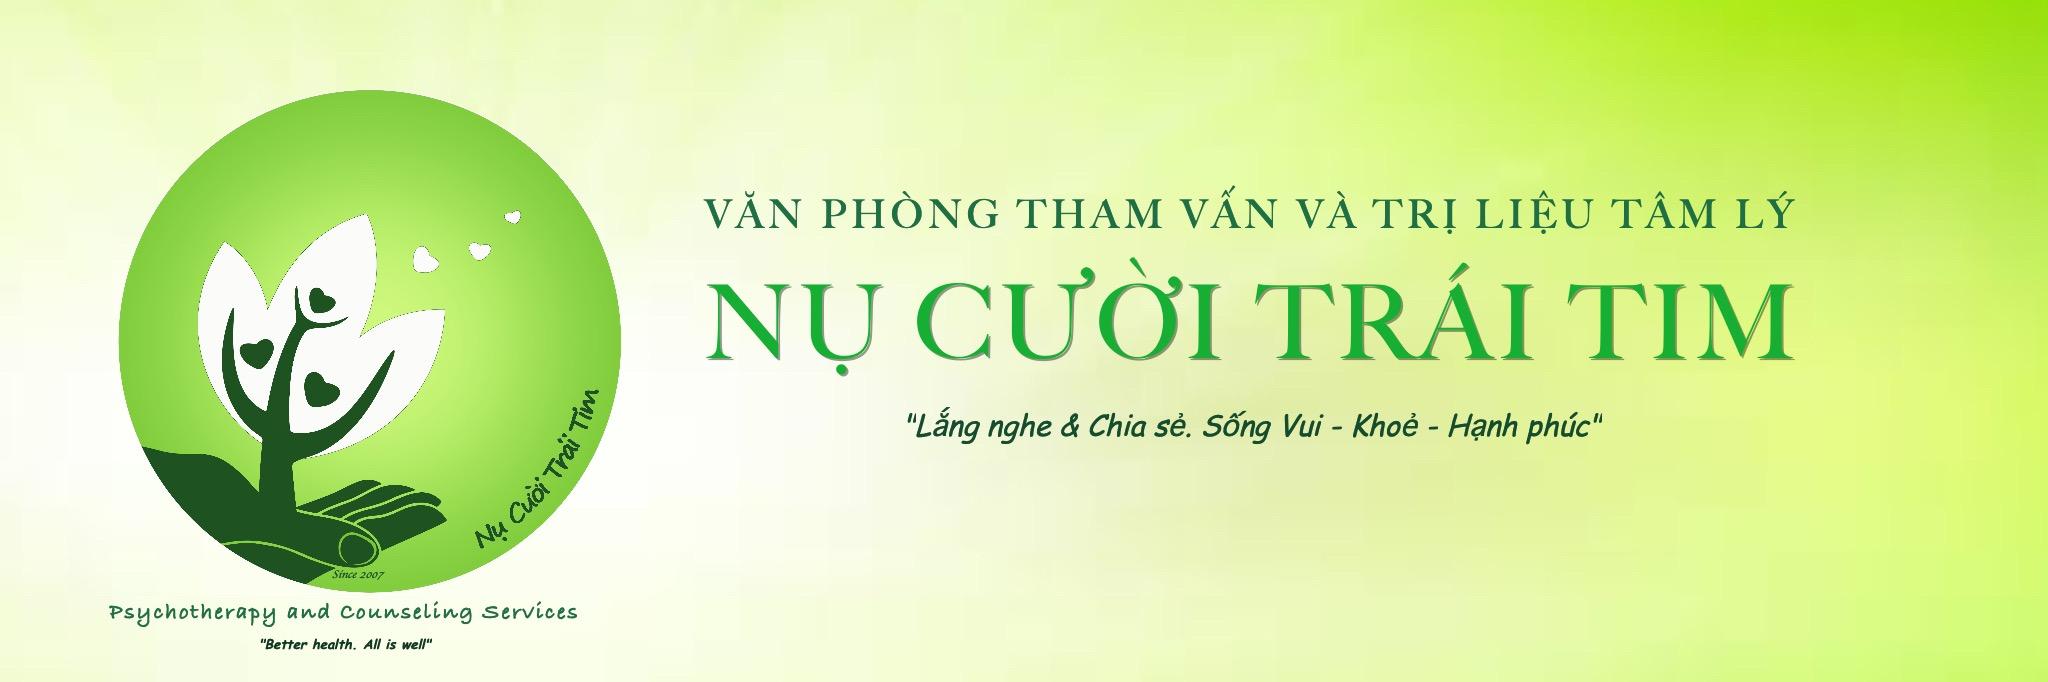 Văn phòng Tham vấn và Trị liệu Tâm lý NỤ CƯỜI TRÁI TIM